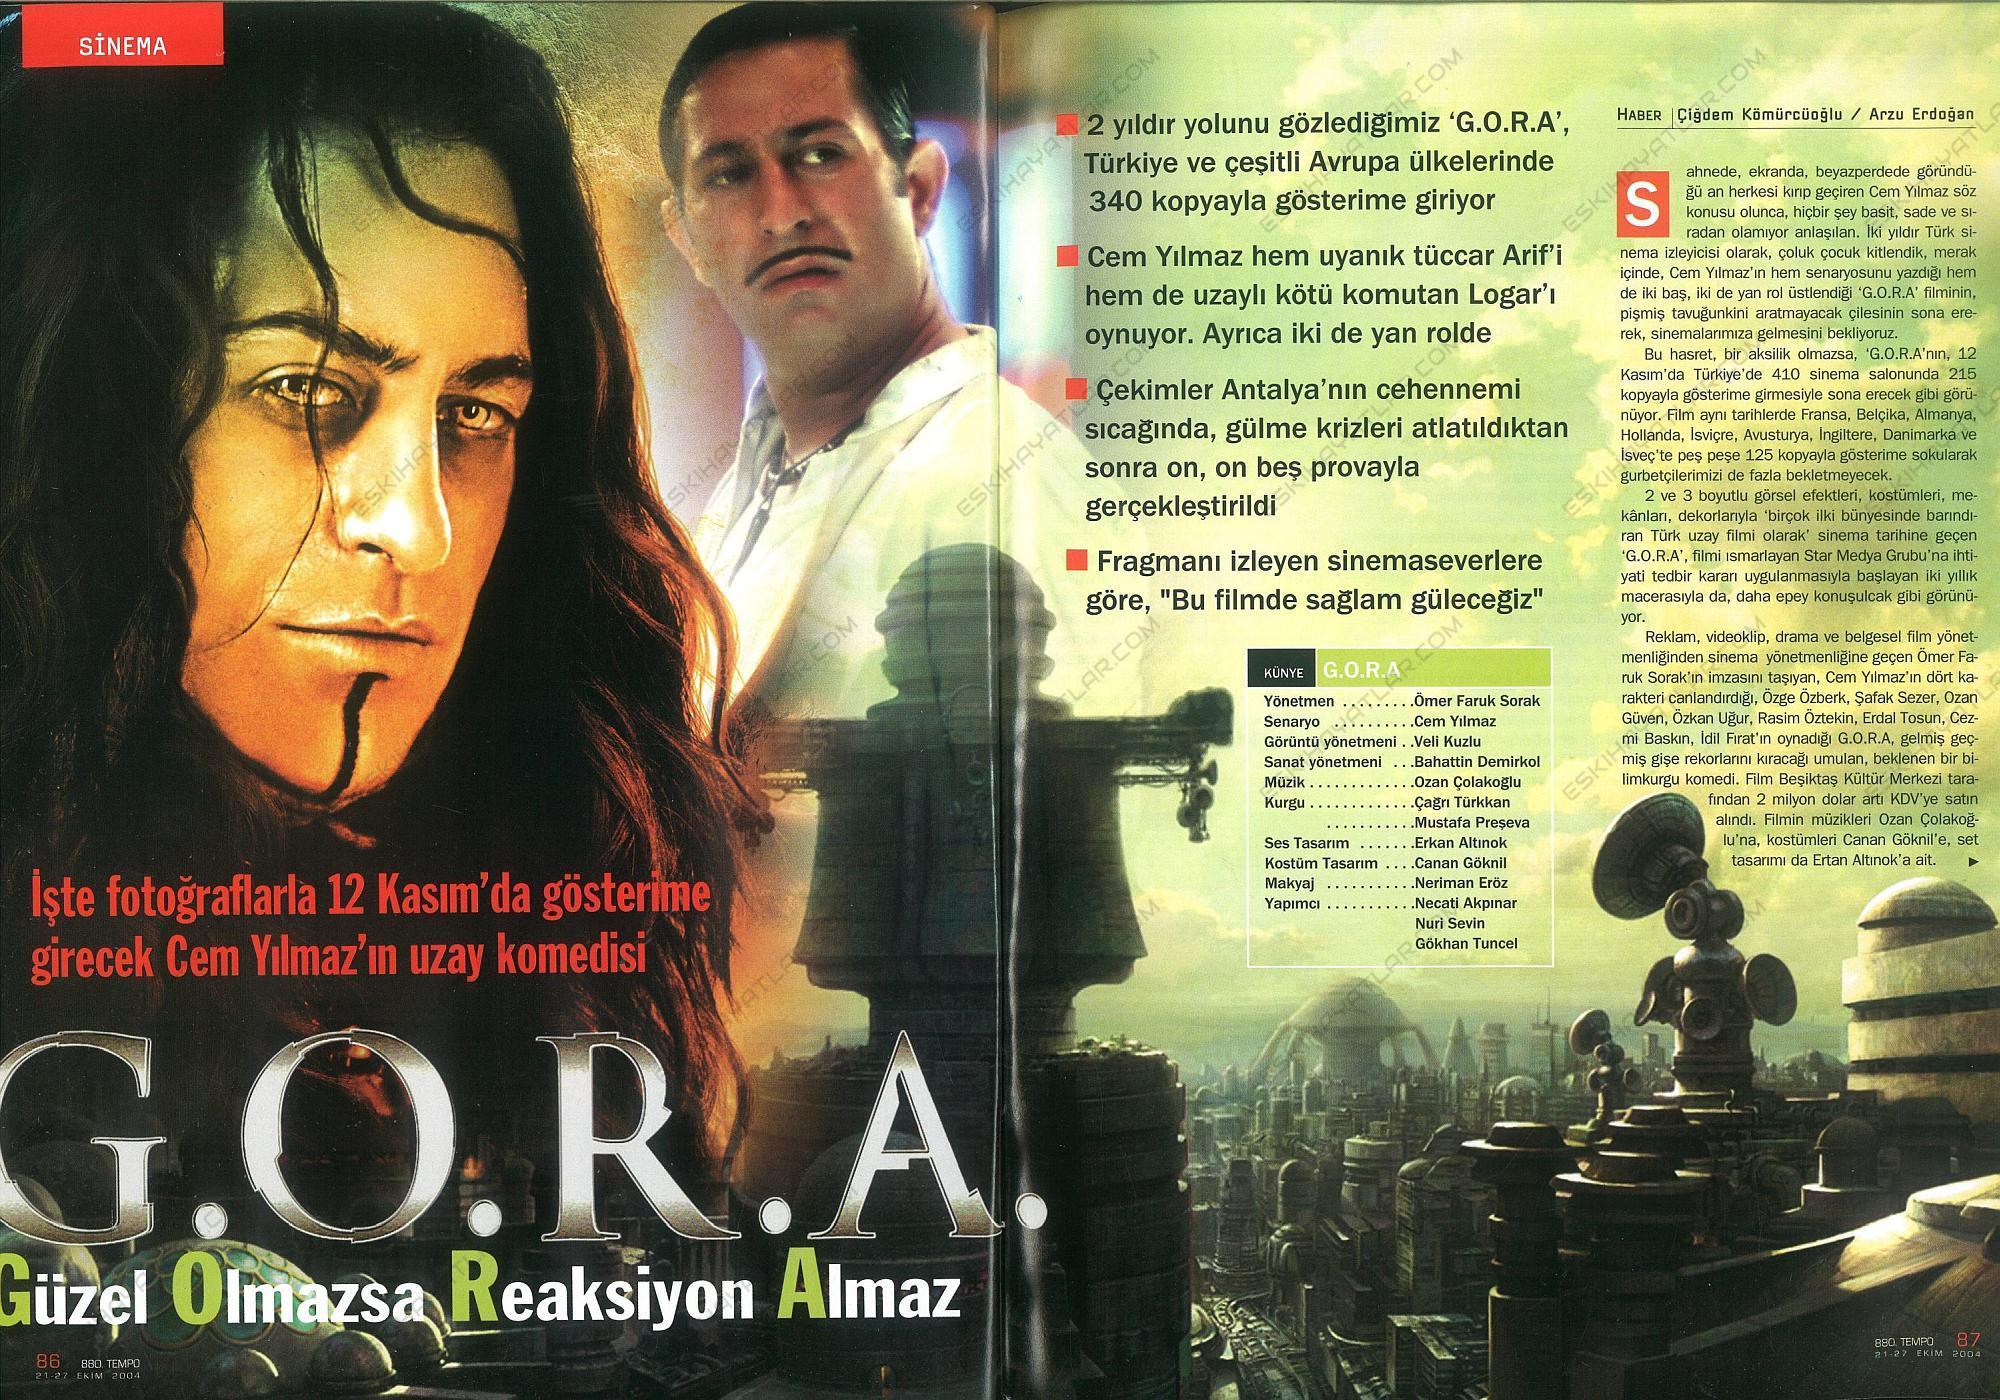 0276-gora-filmi-ne-zaman-cekildi-gora-filmi-perde-arkasi-goruntuleri (2)